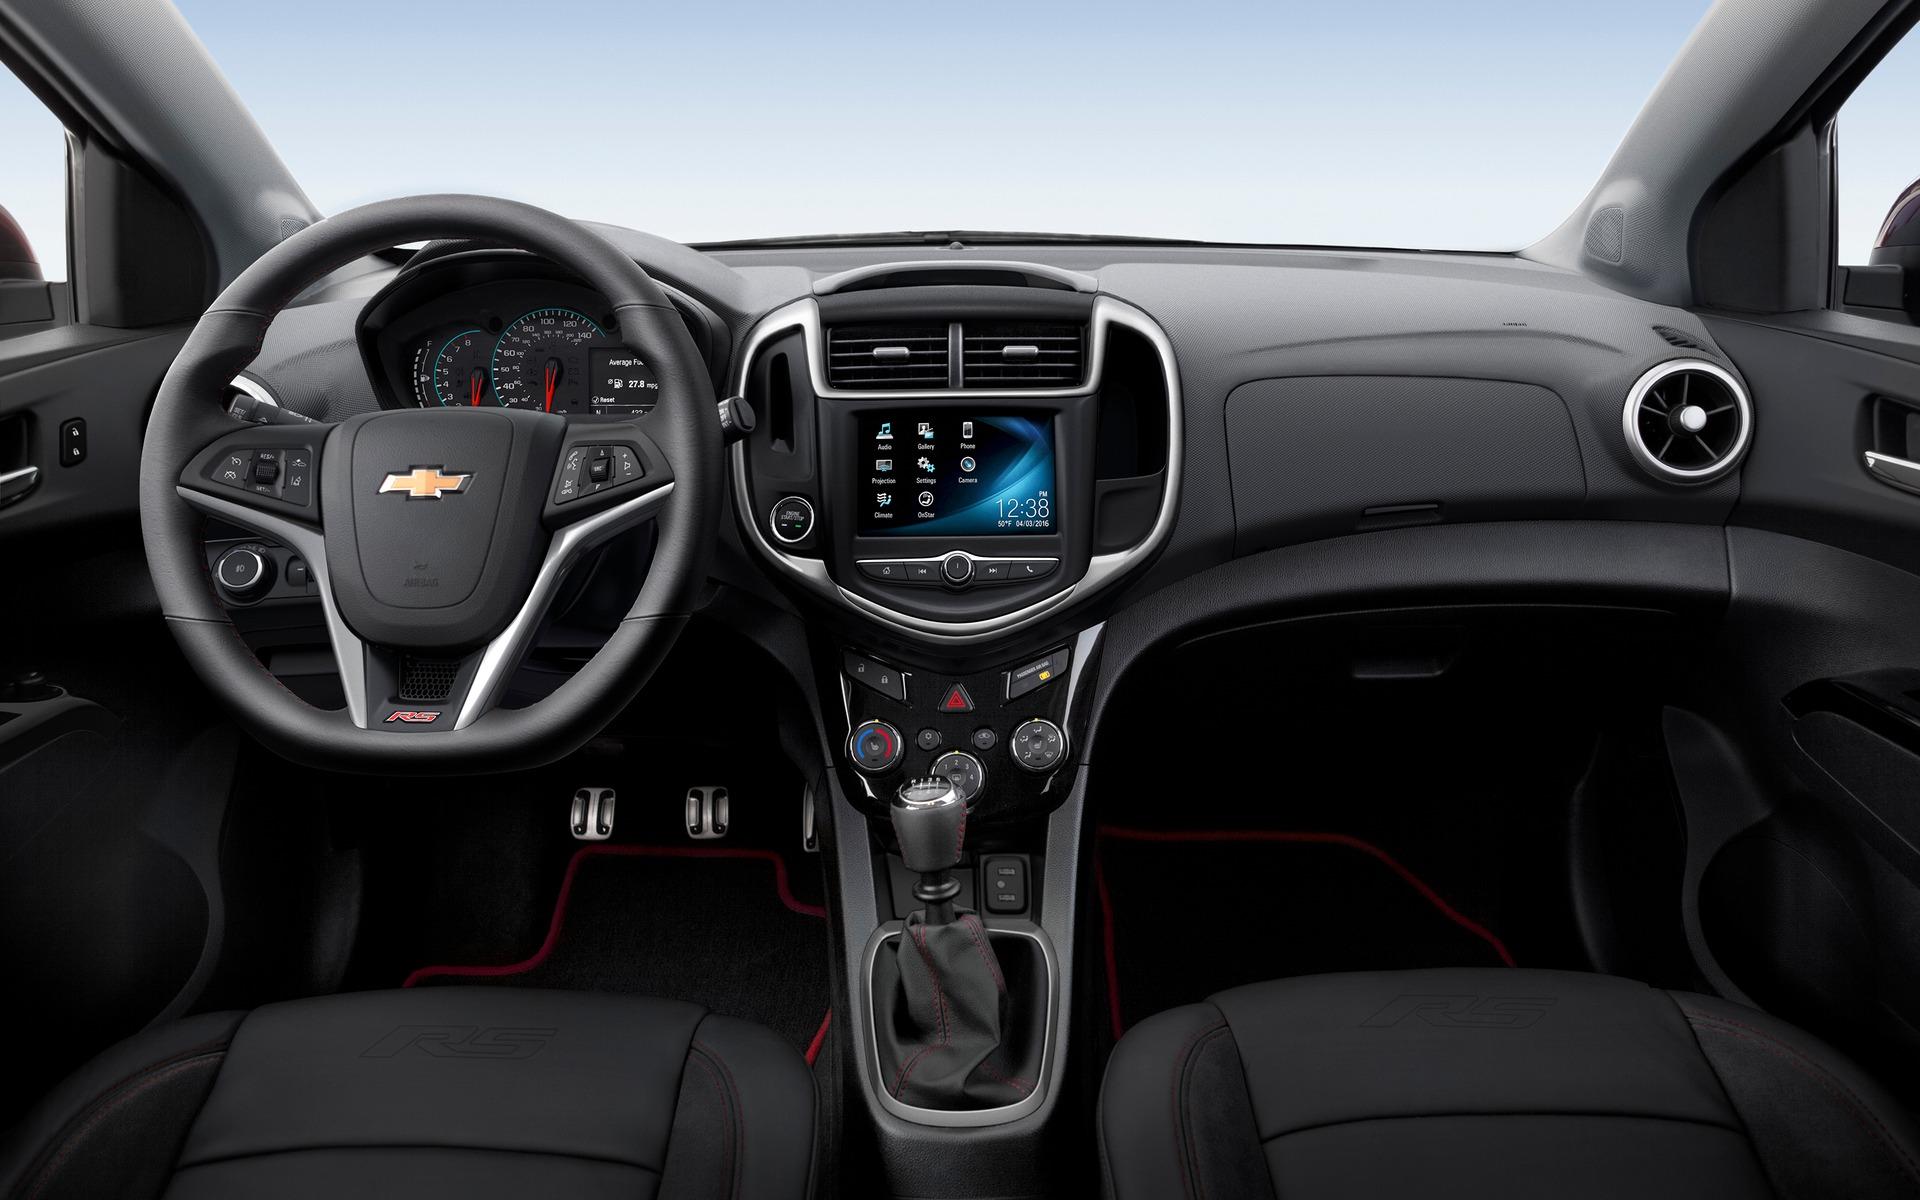 <p>Int&eacute;rieur de la Chevrolet Sonic</p>